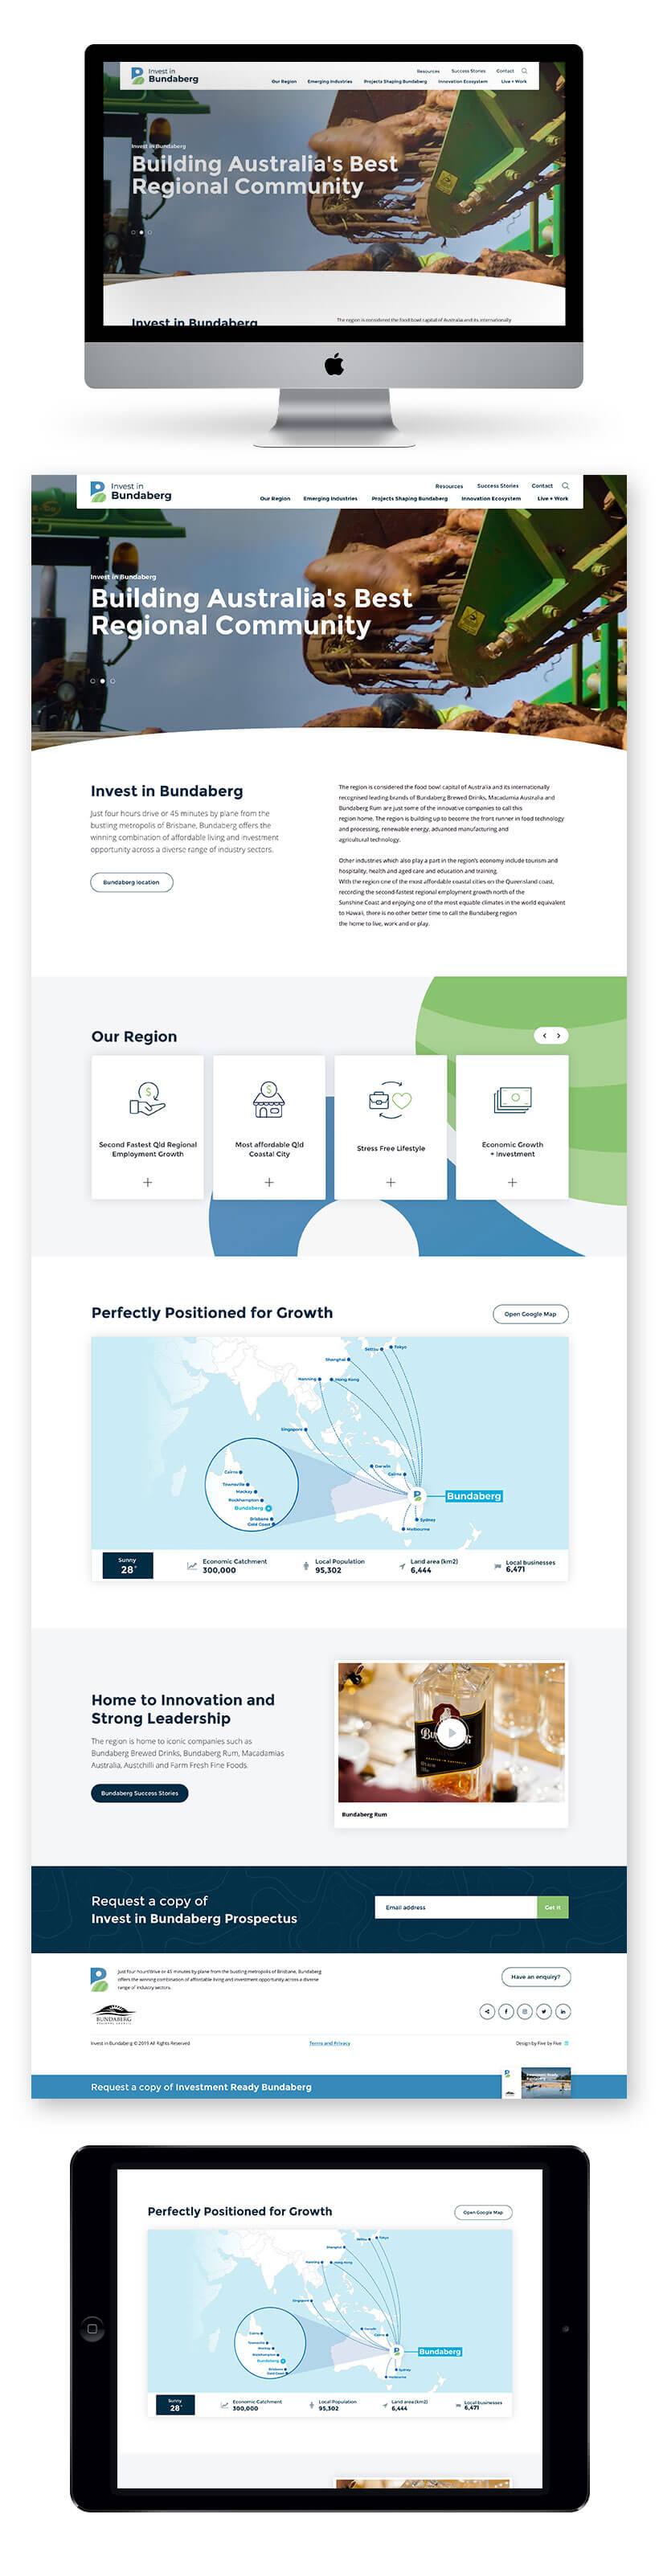 Invest in Bundaberg Site